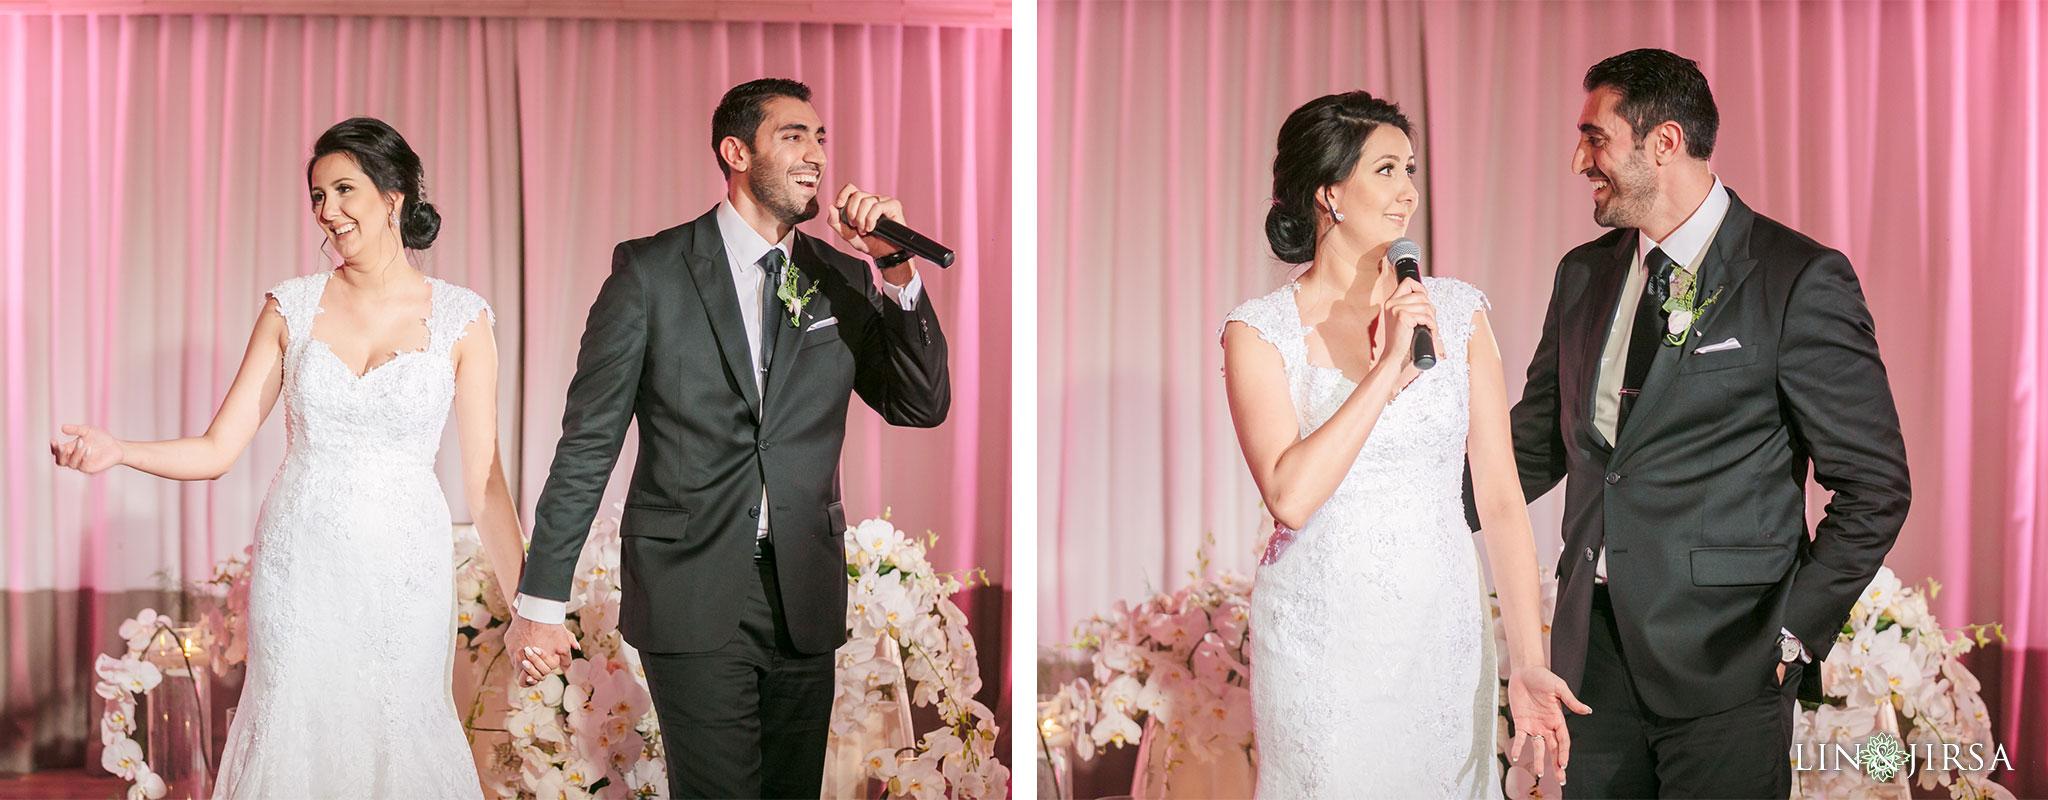 049 estancia la jolla hotel spa persian wedding reception photography